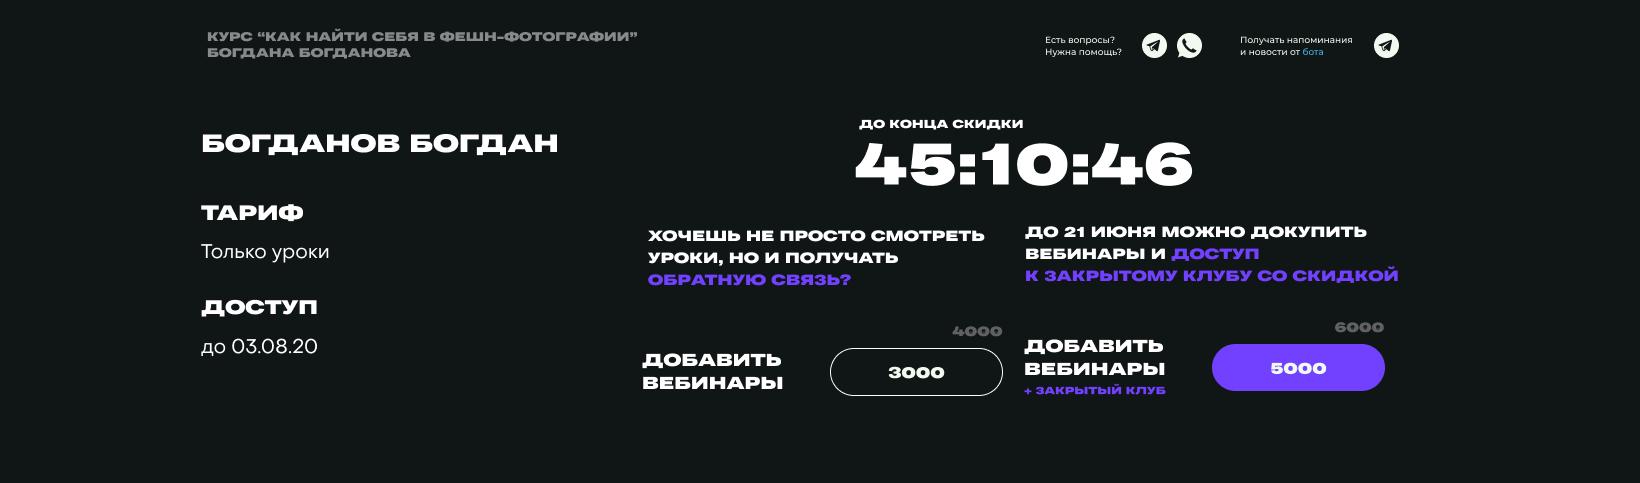 Дизайн личного кабинета для курса Богдана Богданова 2